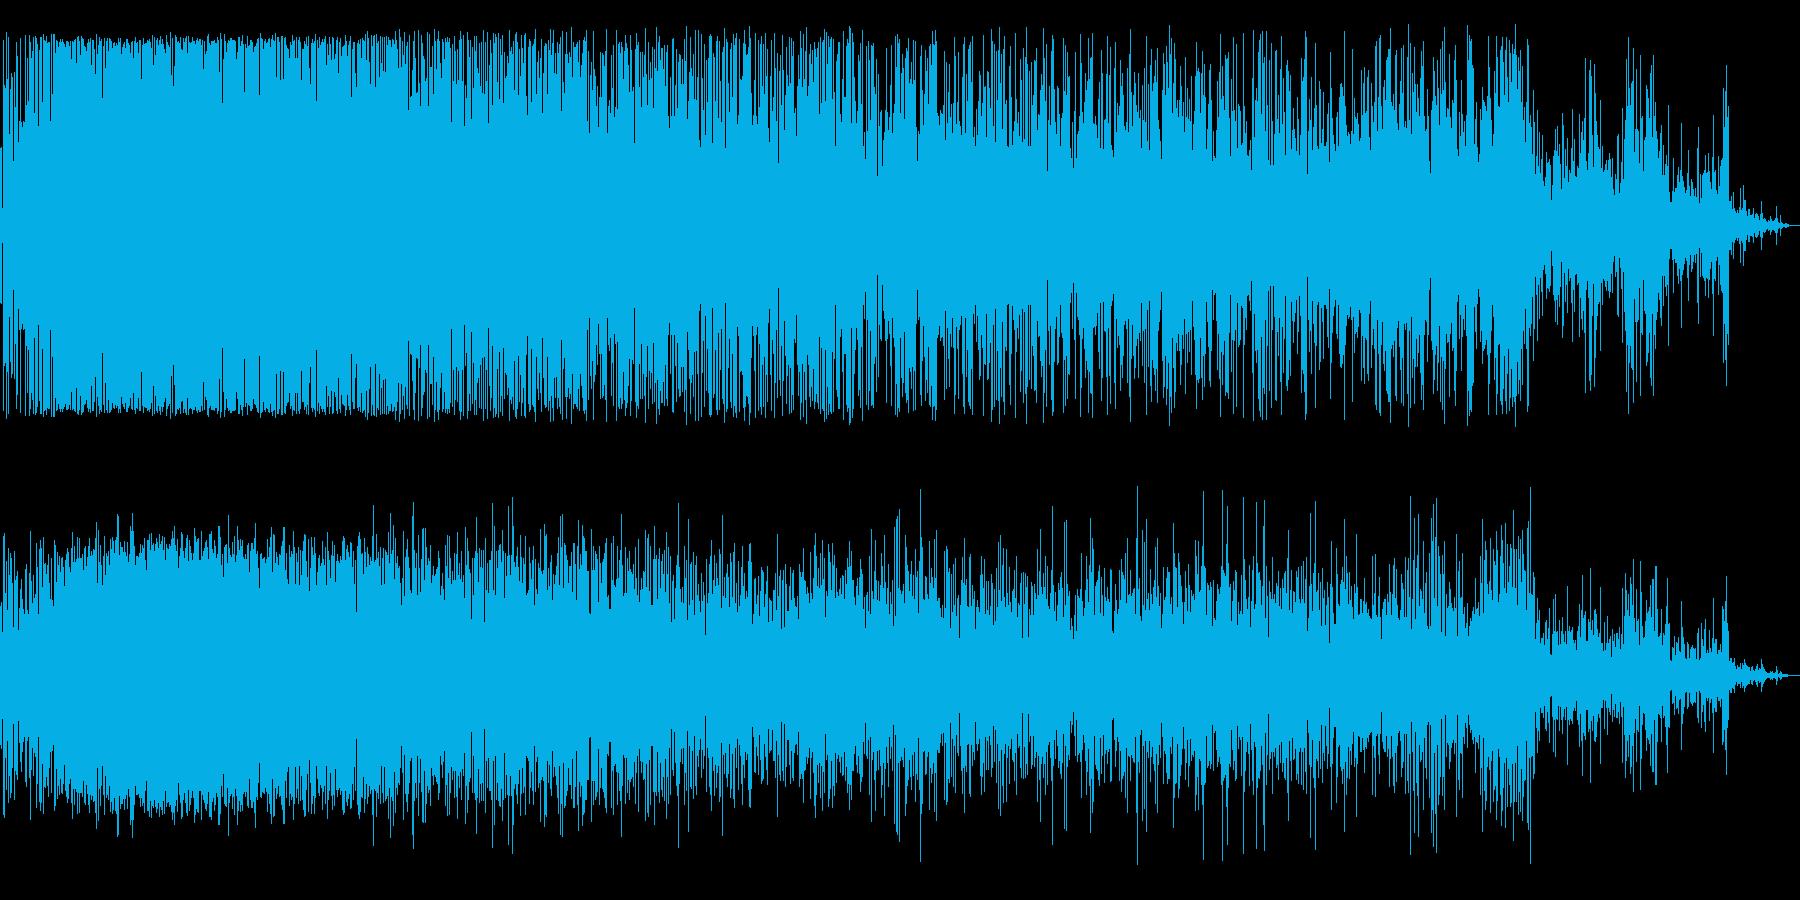 ジュジュジュジュ(鉄板で焼く様な音)の再生済みの波形